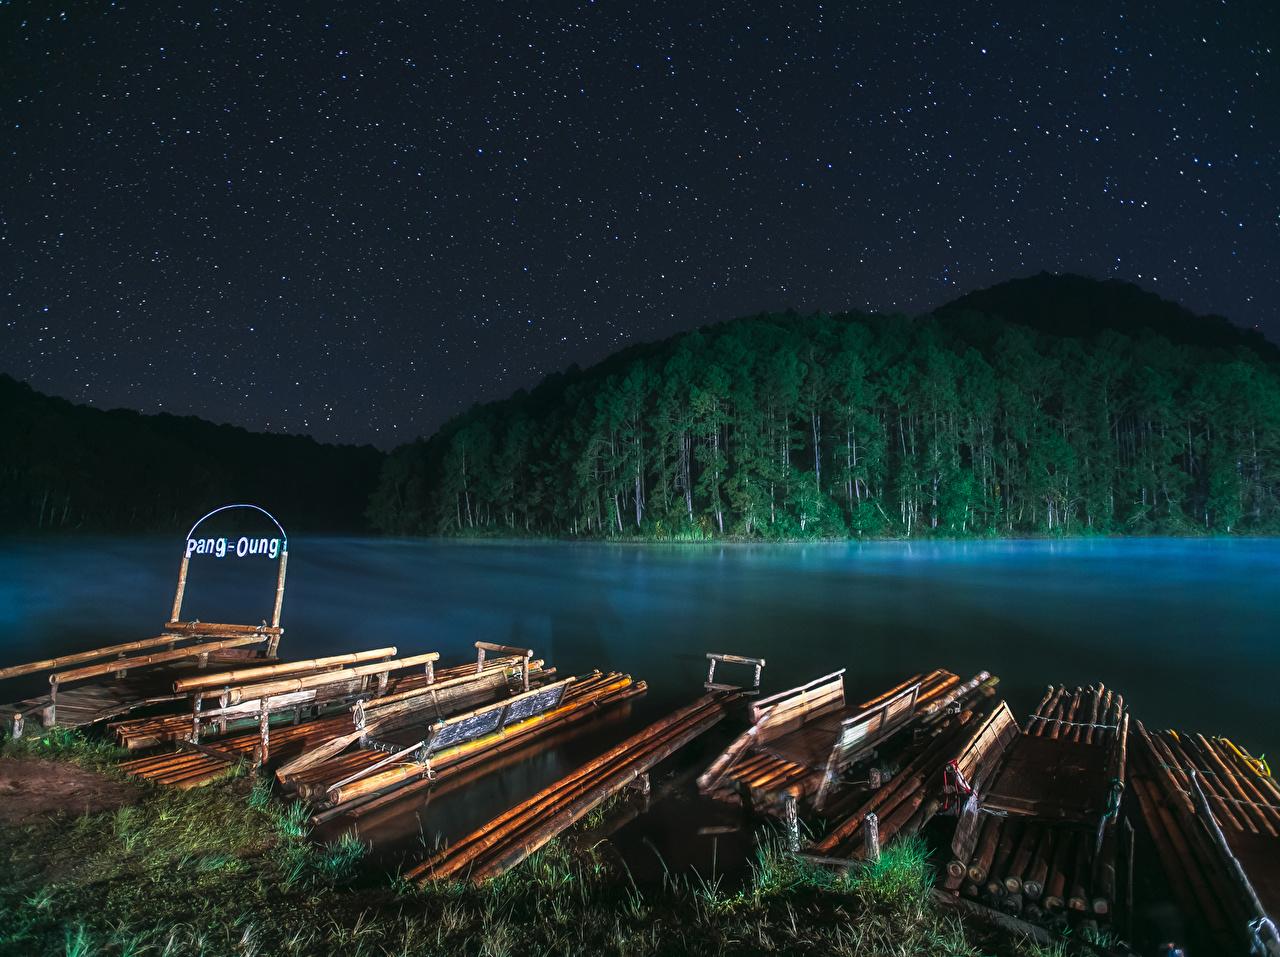 Фотография Таиланд Mae Hong Son Природа Леса Ночь речка Пристань Реки Пирсы ночью в ночи Ночные Причалы